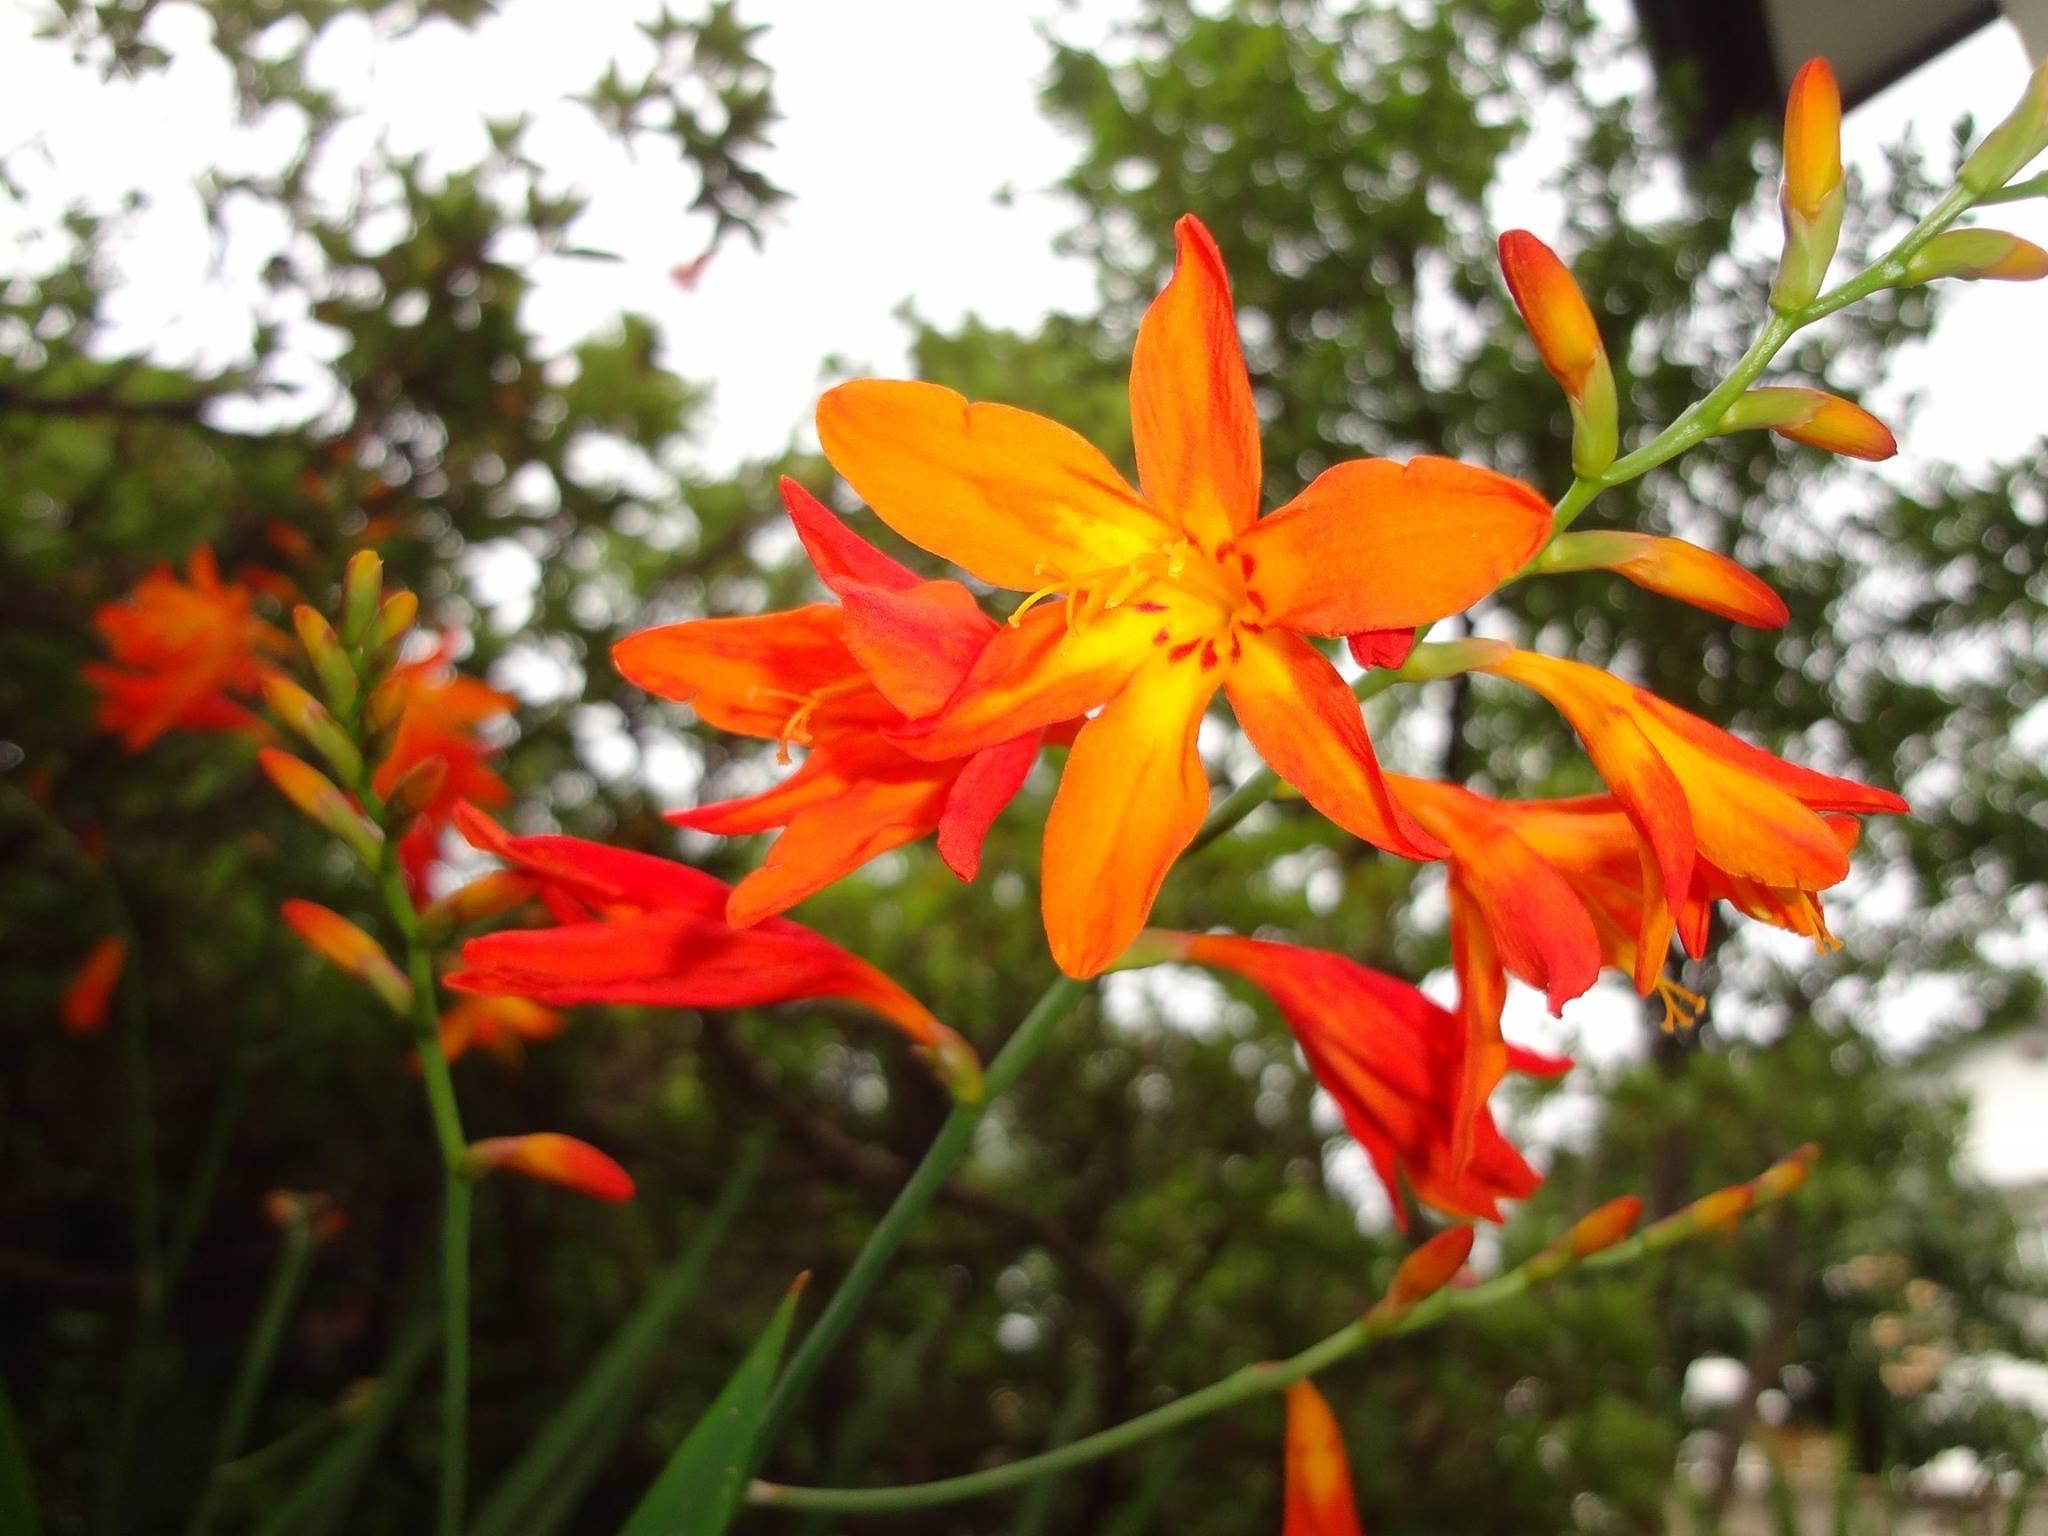 鮮やかなオレンジが映える、姫檜扇水仙(ひめひおうぎすいせん)の花です。